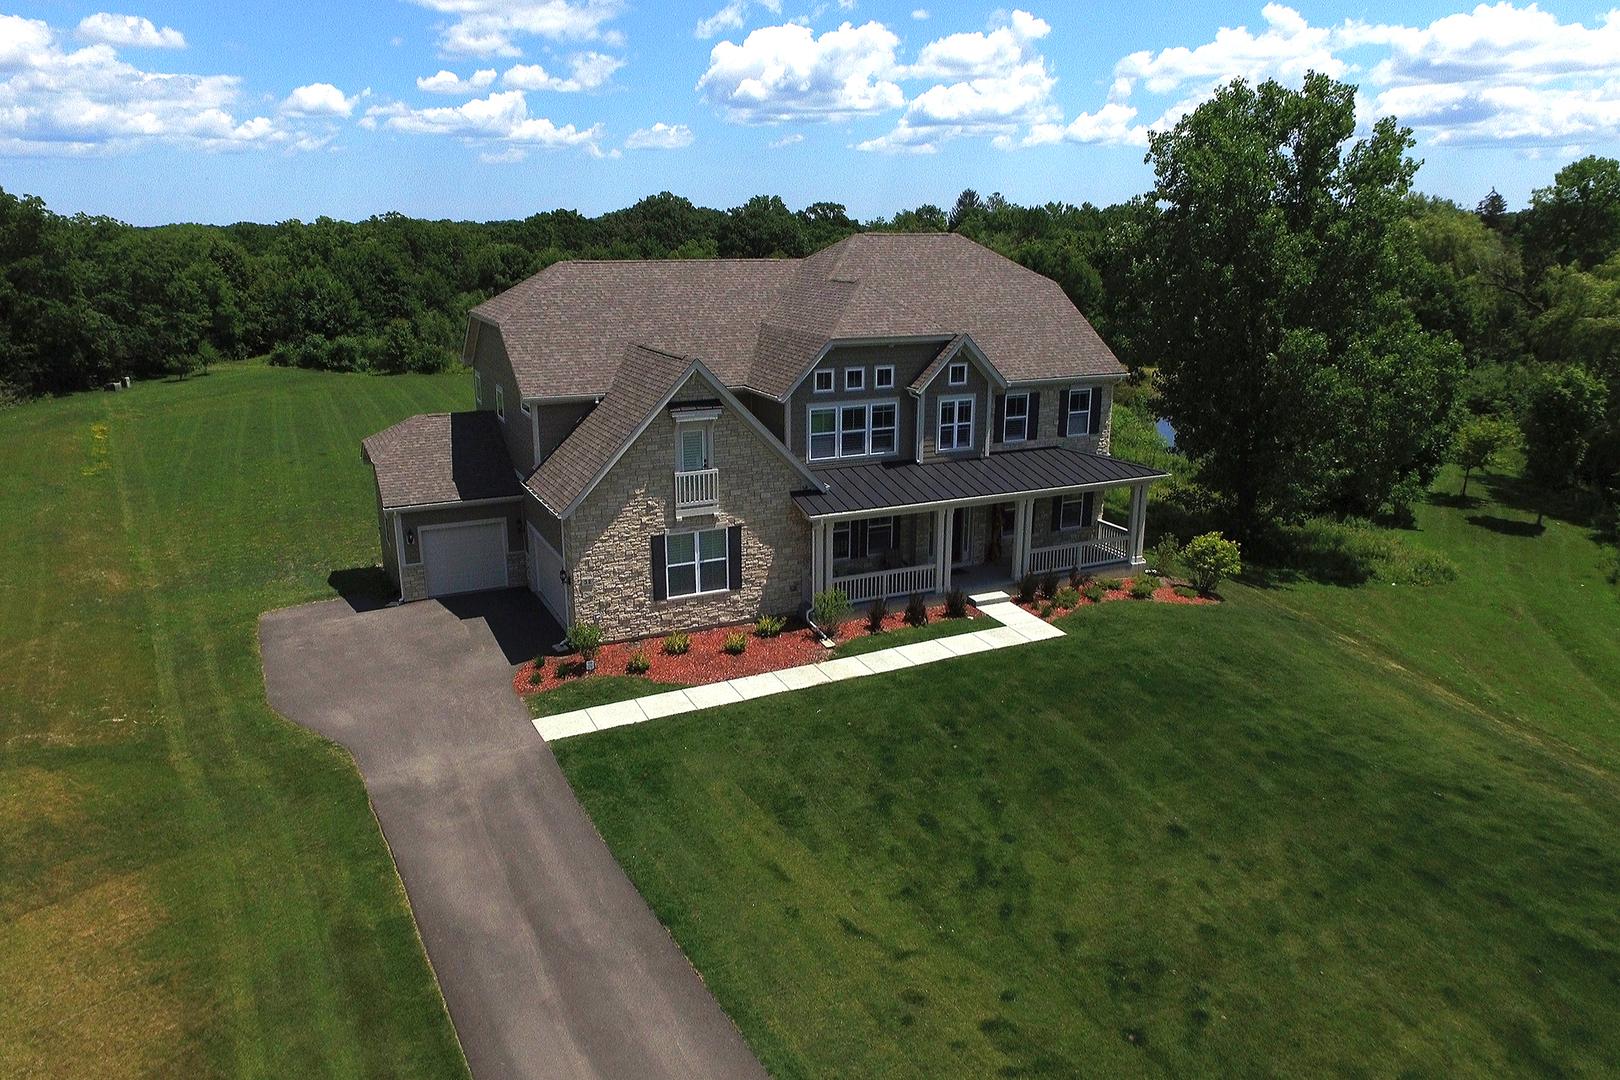 32 East Peter Lane, Hawthorn Woods, Illinois 60047